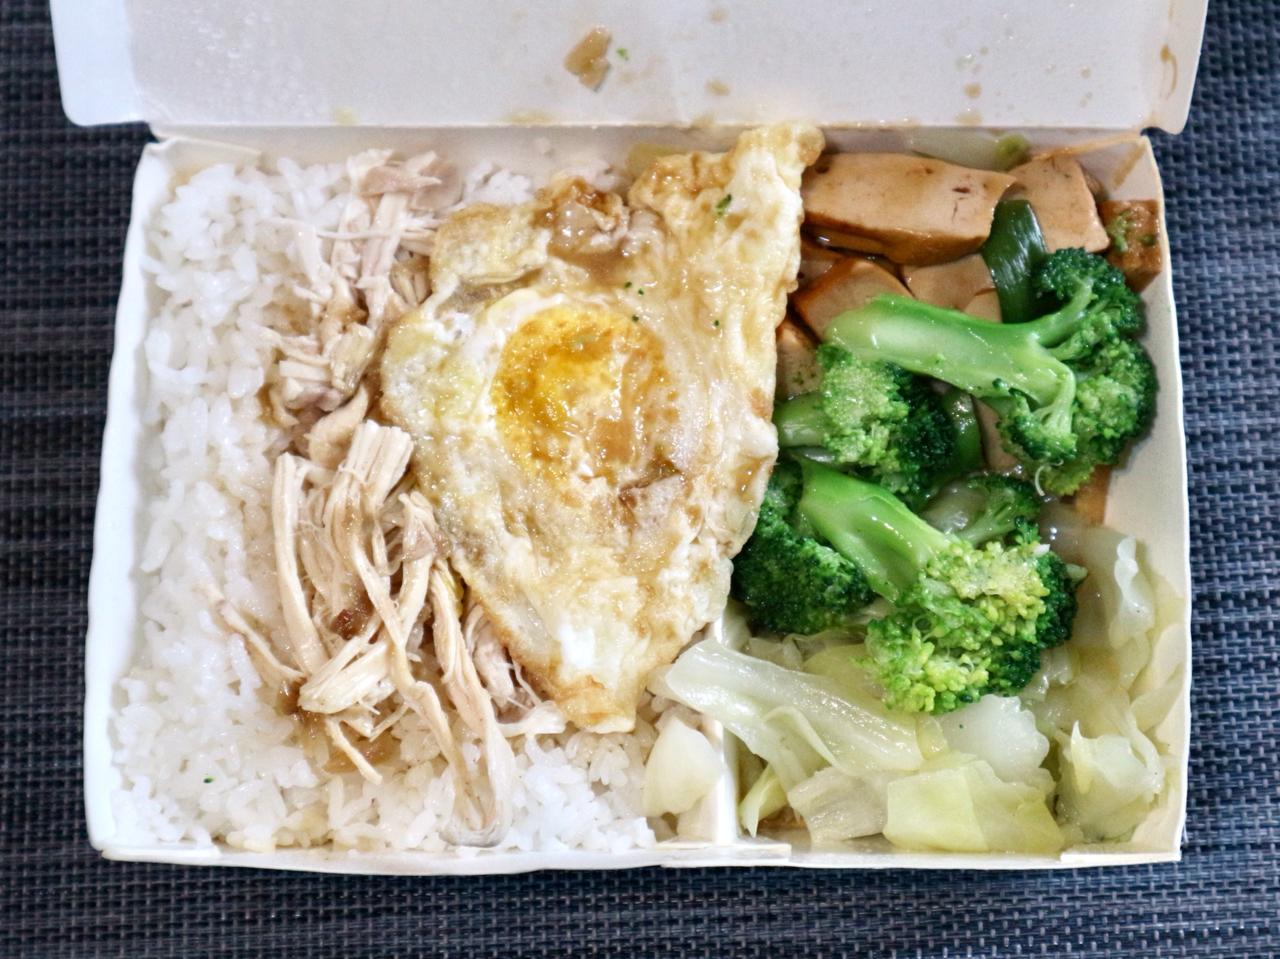 【台湾】魯肉飯よりあっさりで食べやすい「鶏肉飯」!台北の人気店「梁記嘉義雞肉飯」のテイクアウト限定弁当を実食 画像6